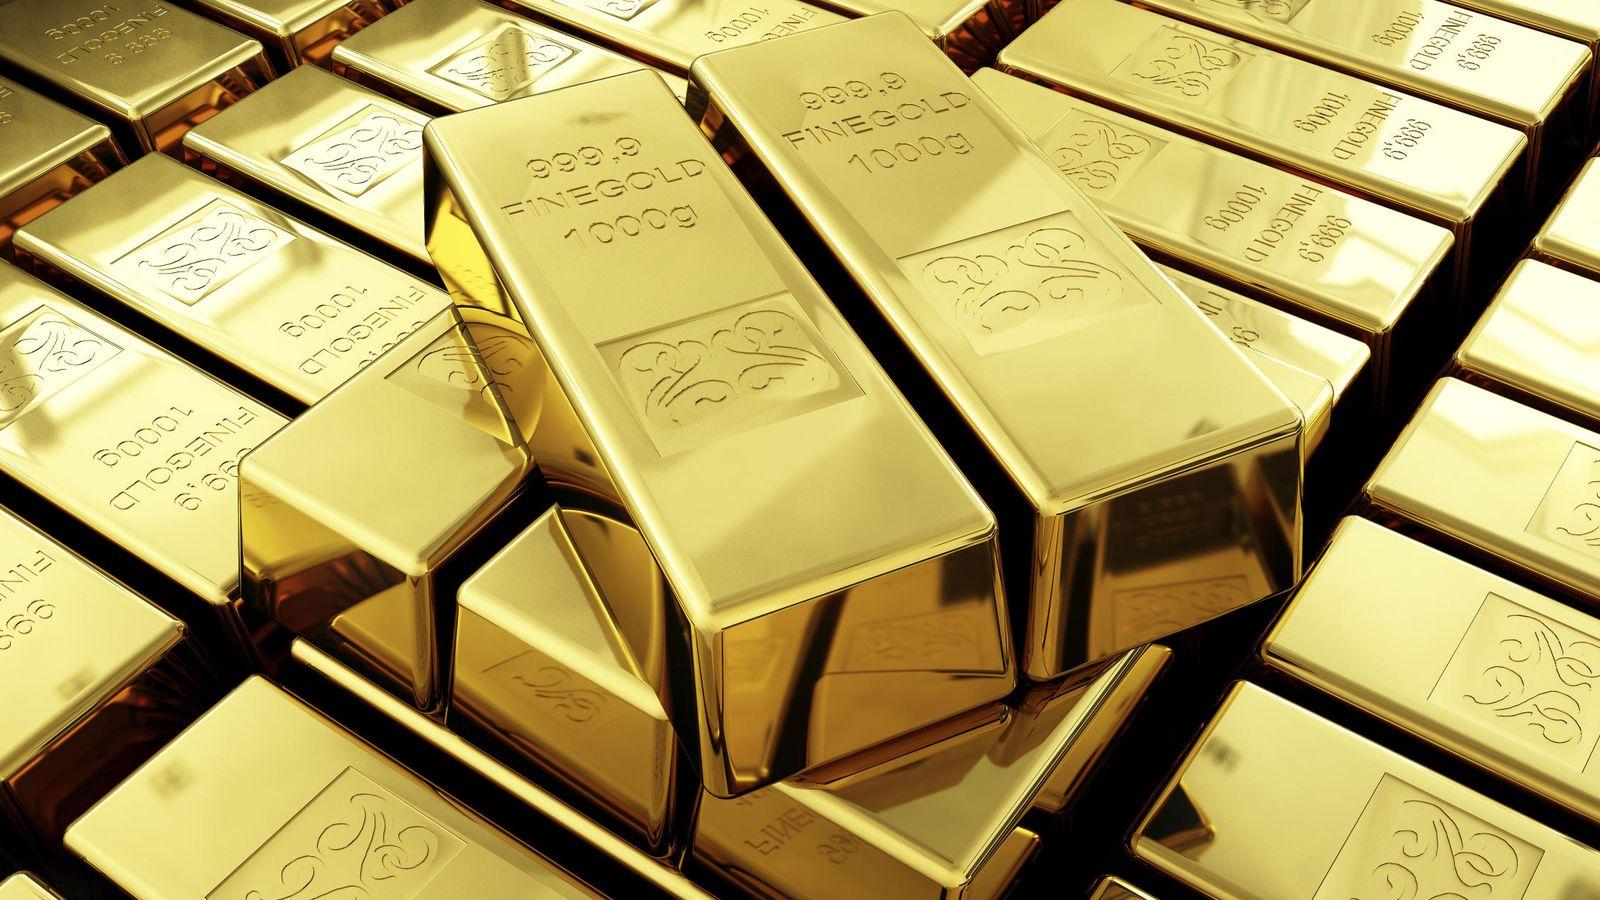 Foto: La carrera del dólar abre una nueva oportunidad de inversión: los metales